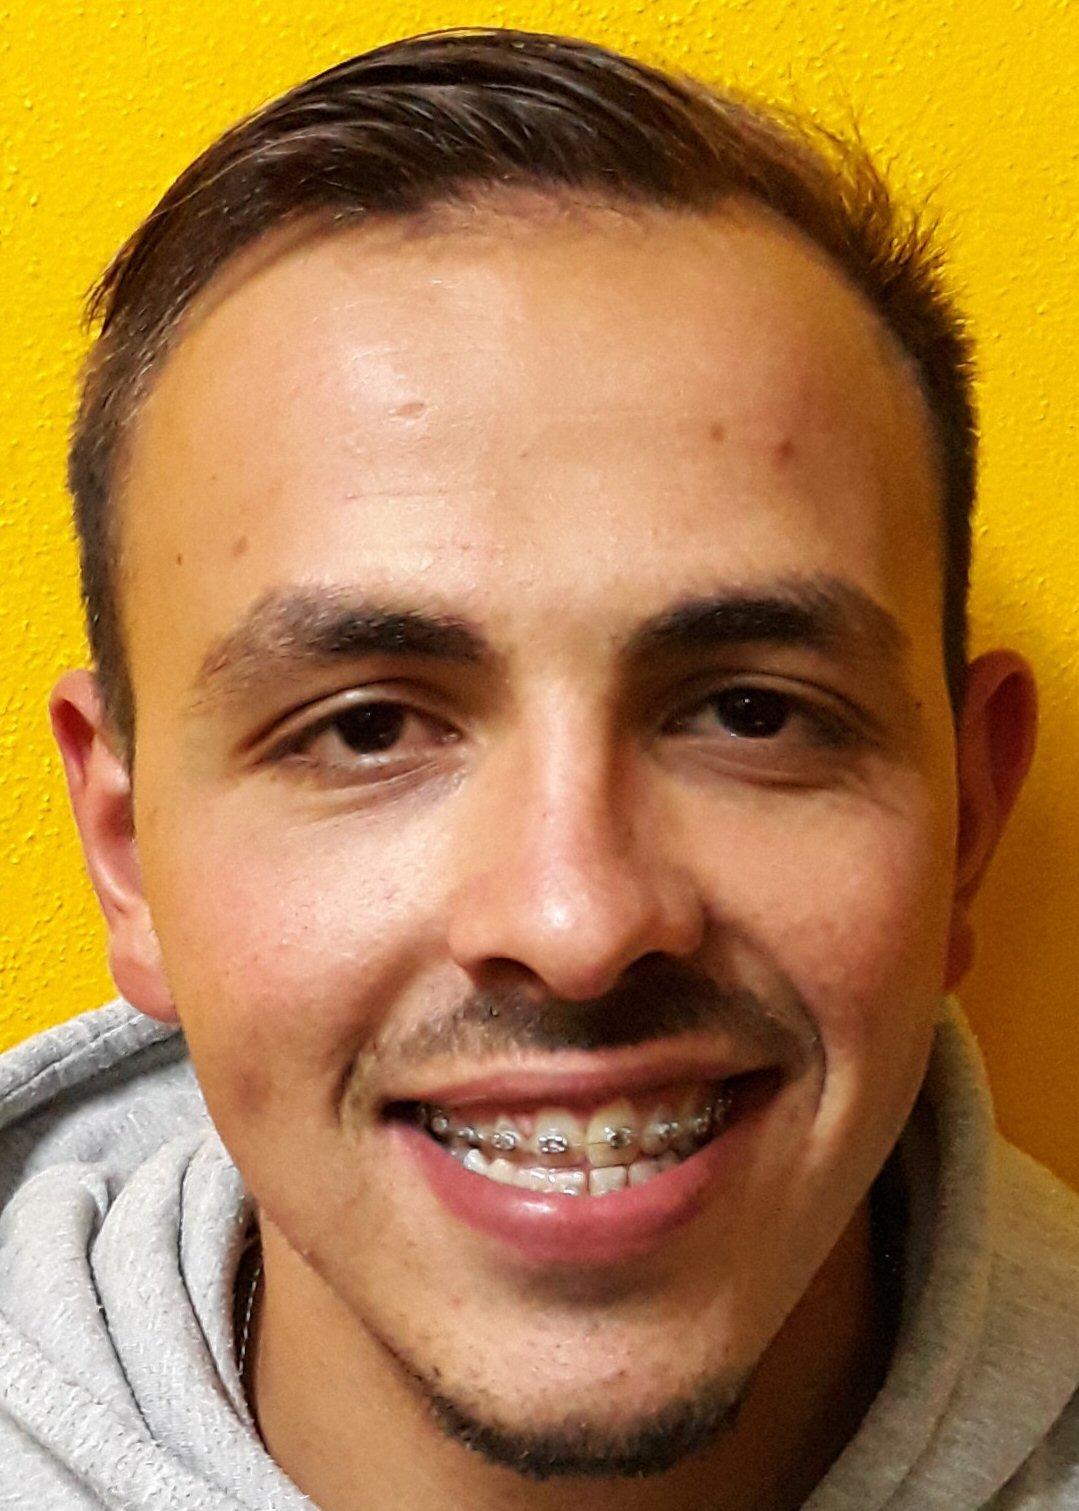 RICARDO MANUEL NETA DE MATOS